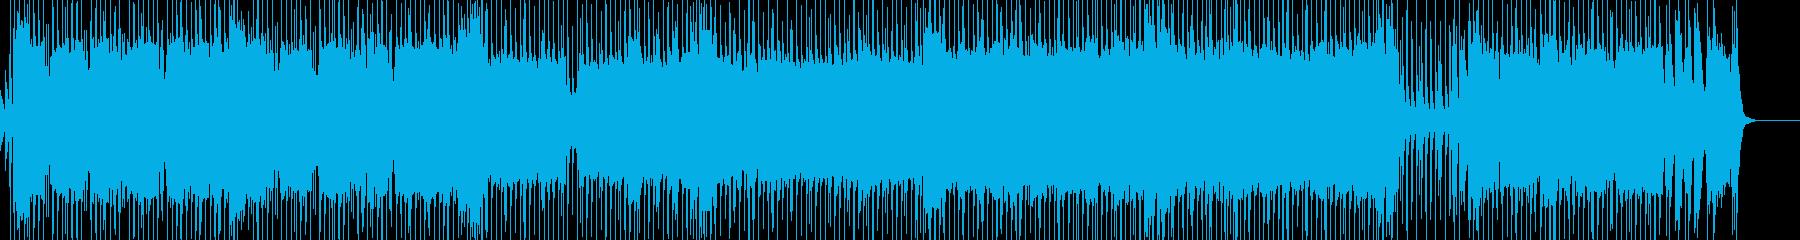 ブルージーなロックンロールスタイル...の再生済みの波形